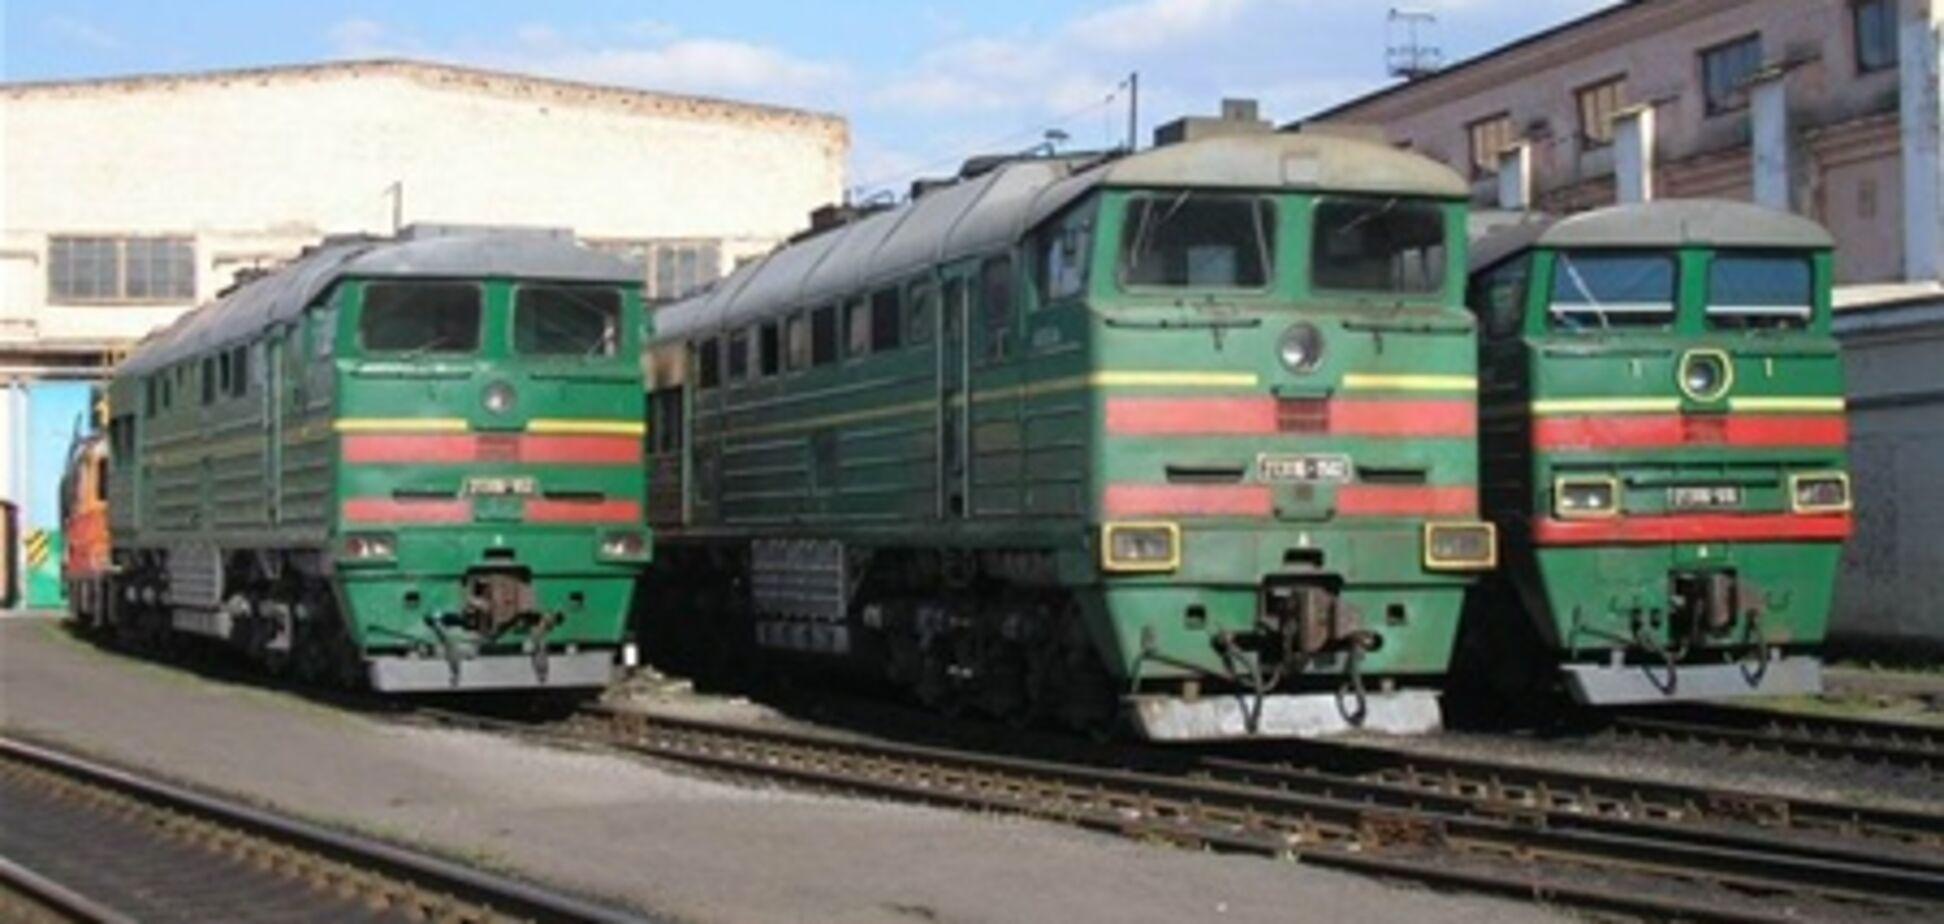 Во время Евро2012 Польшу и Украину соединят 17 поездов